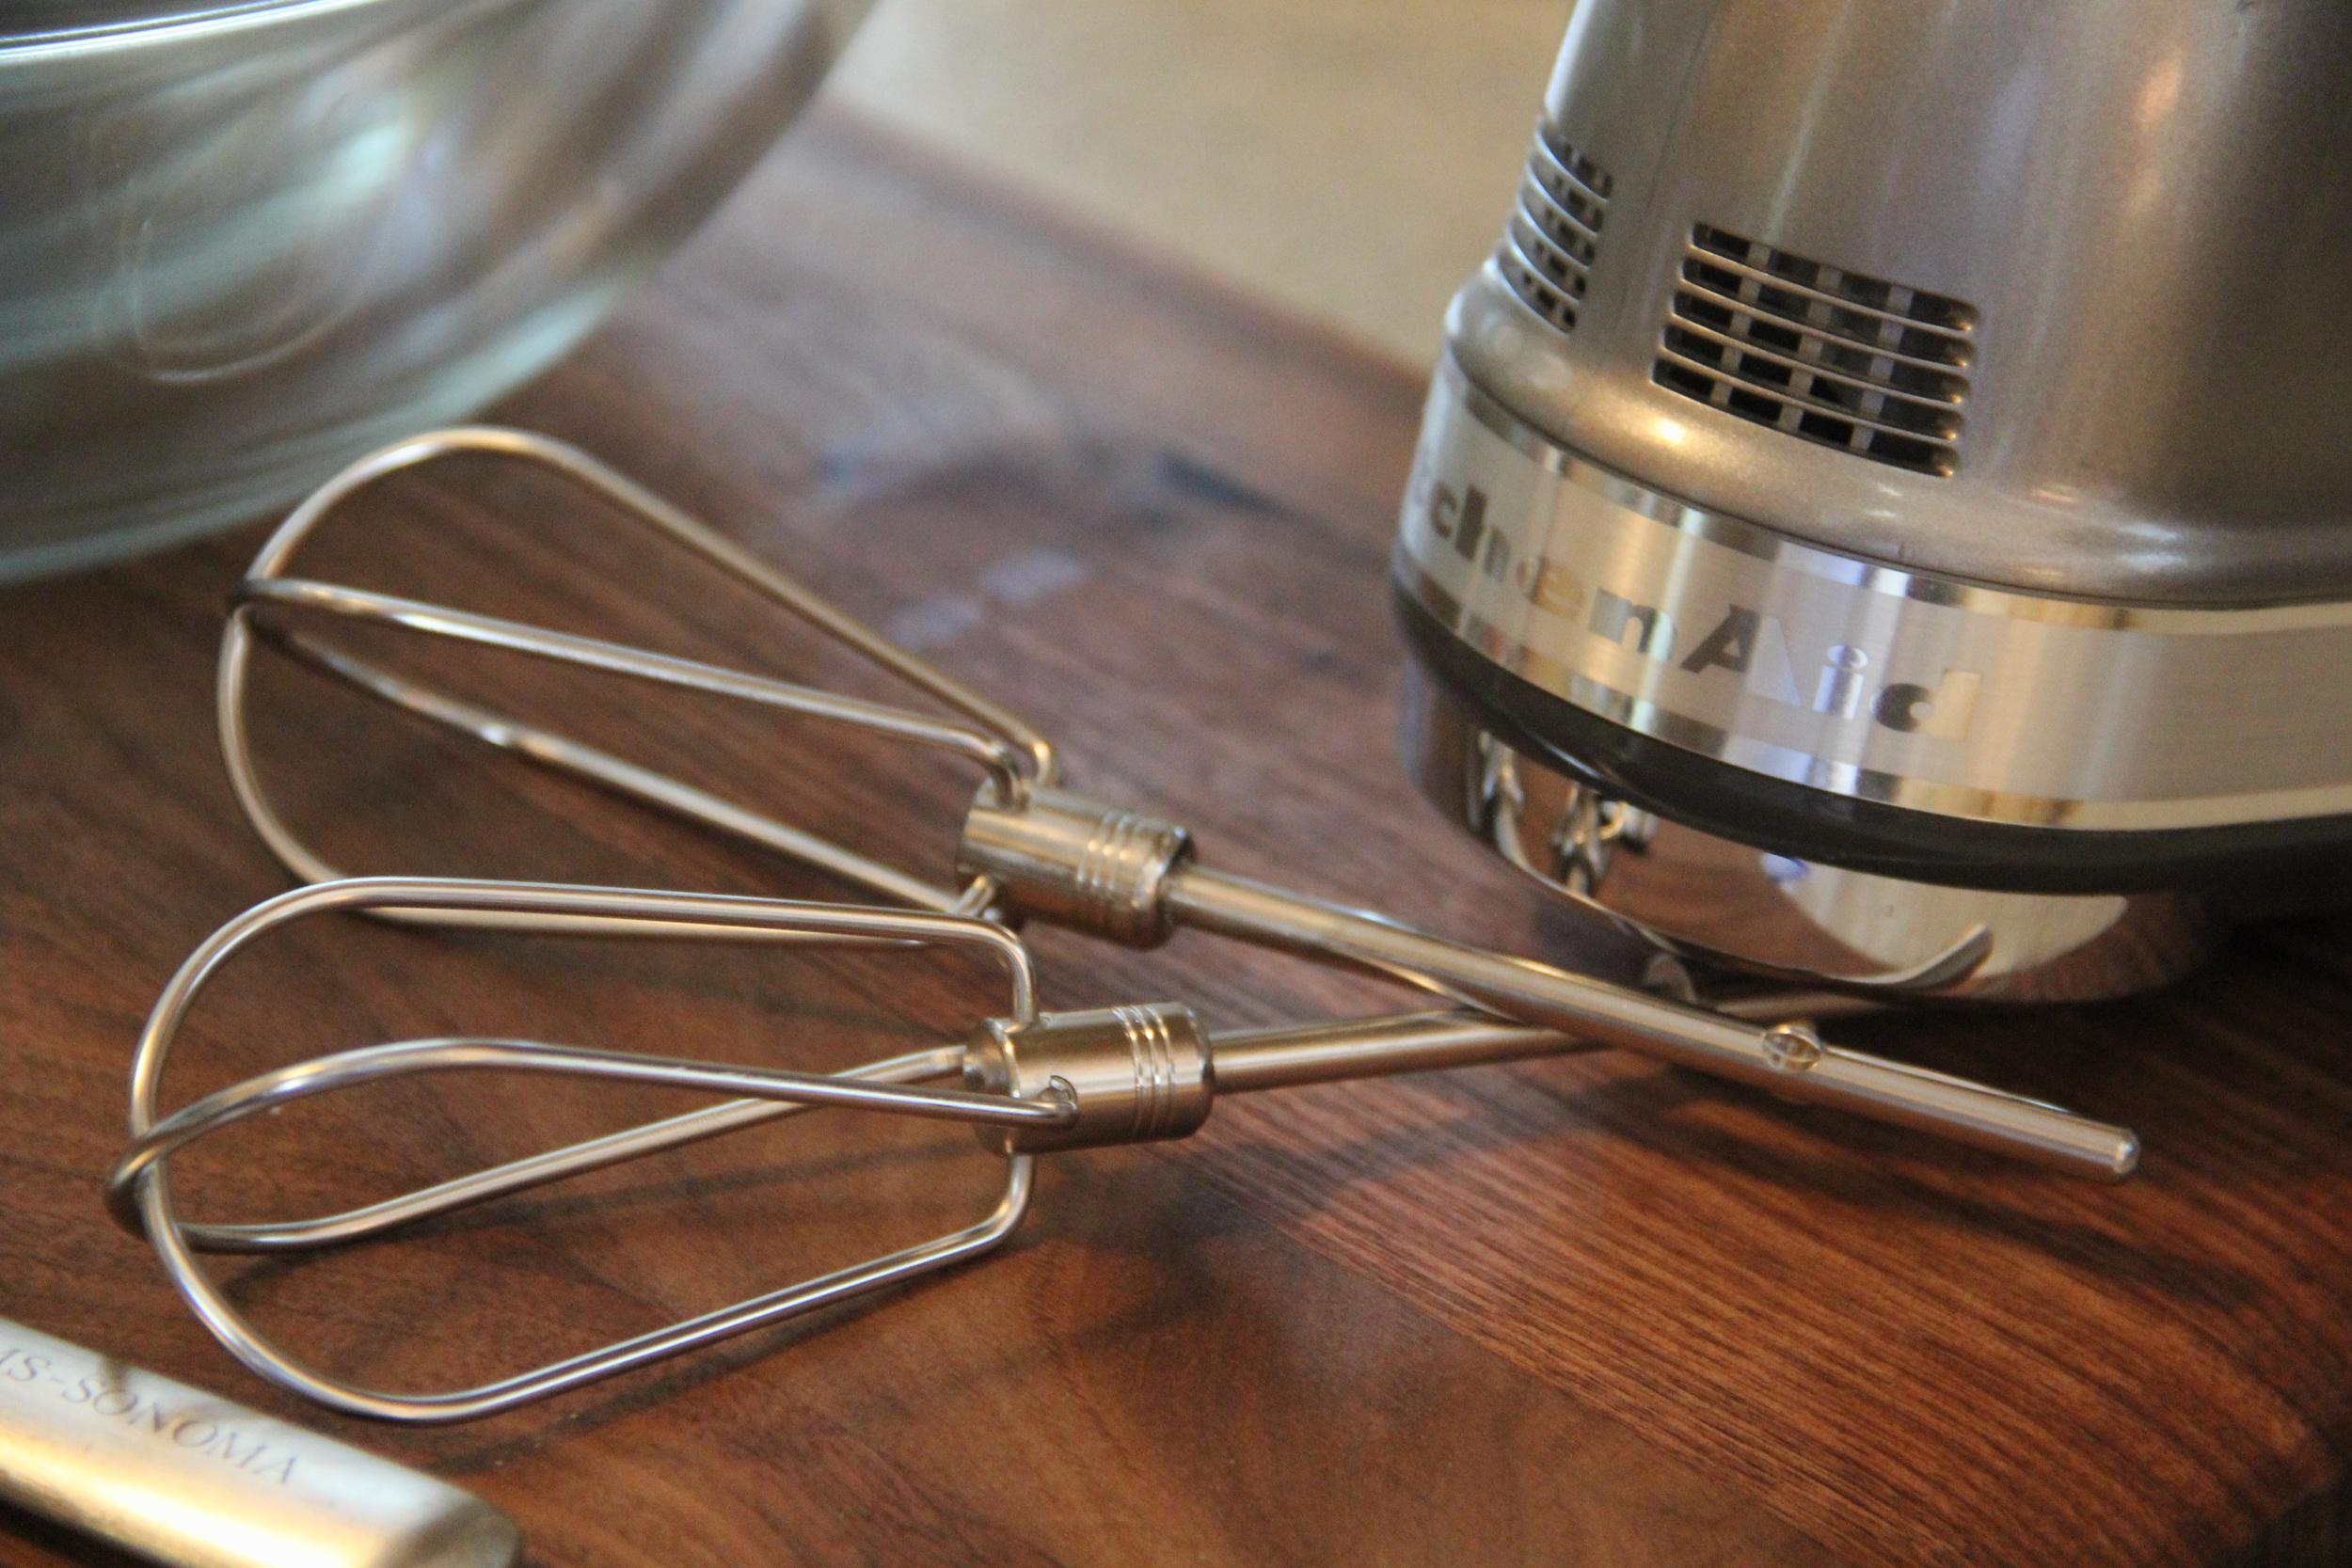 Kitchen Aid Hand Mixer.JPG